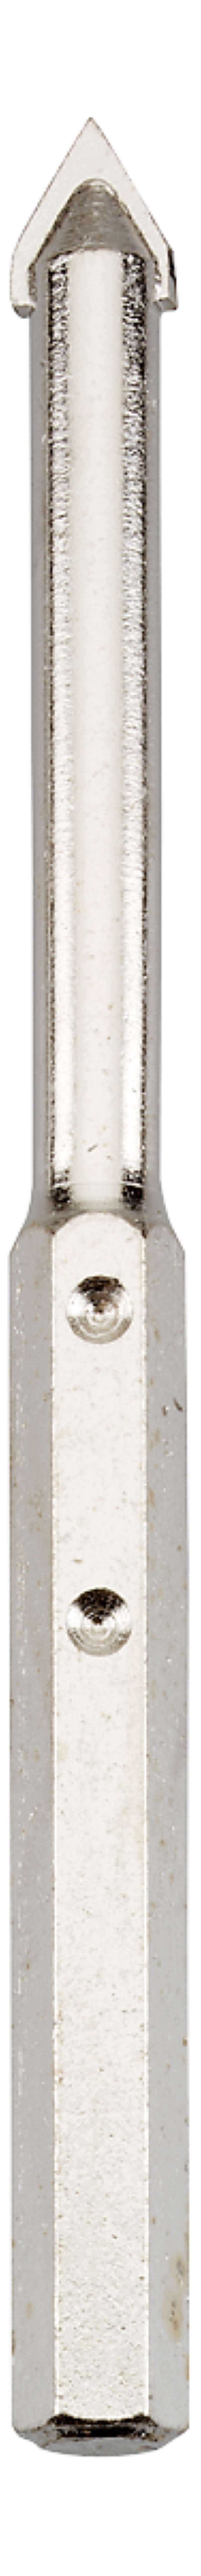 Сверло Kwb 4994-10  - Купить